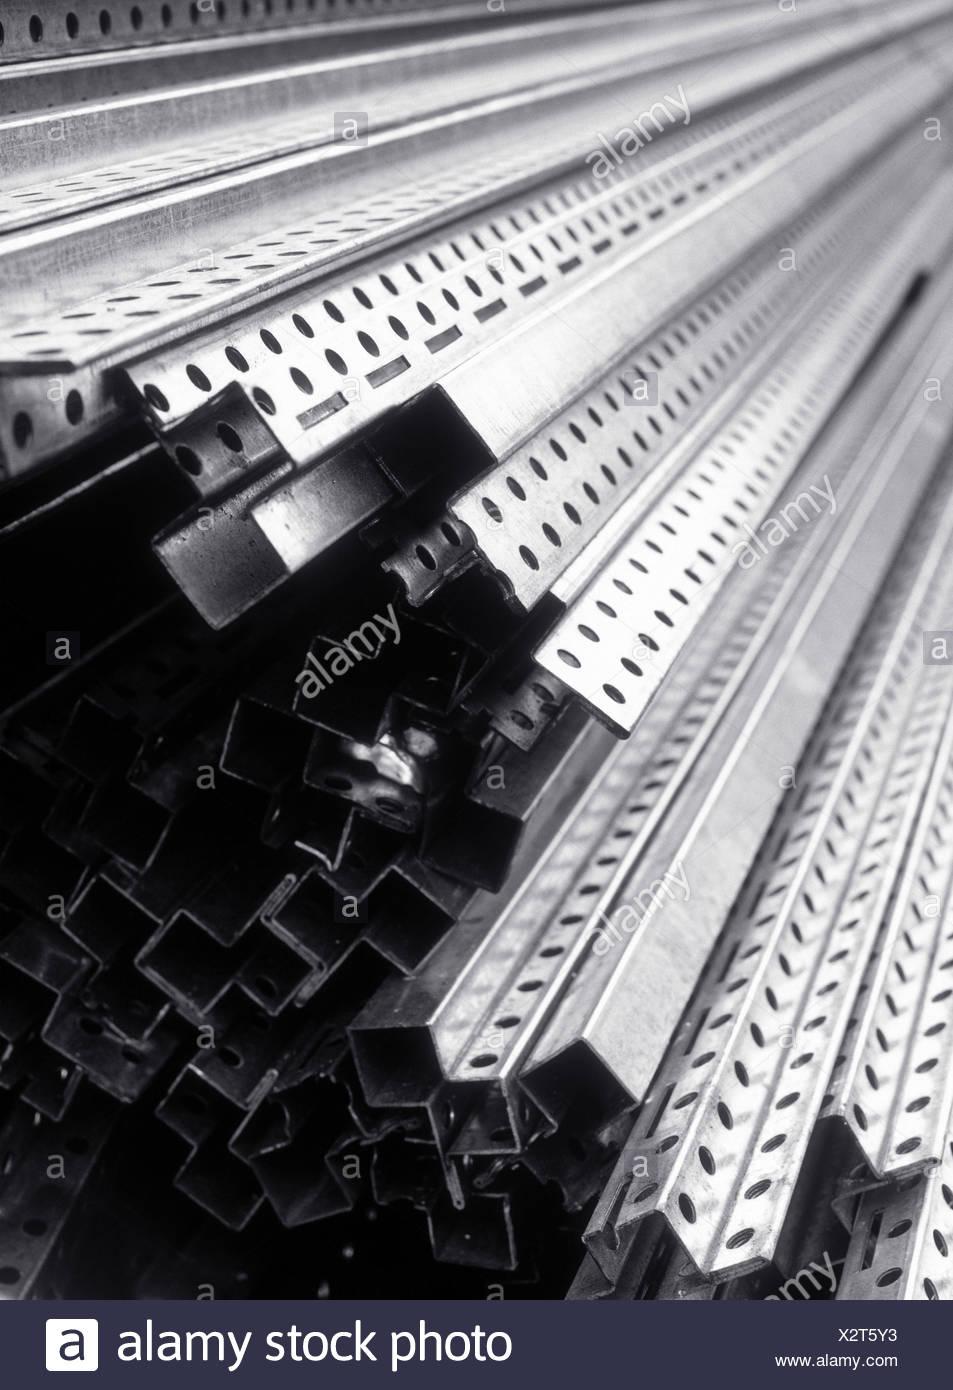 Ironworks, U treads, storage, b/w, production, steel, steel